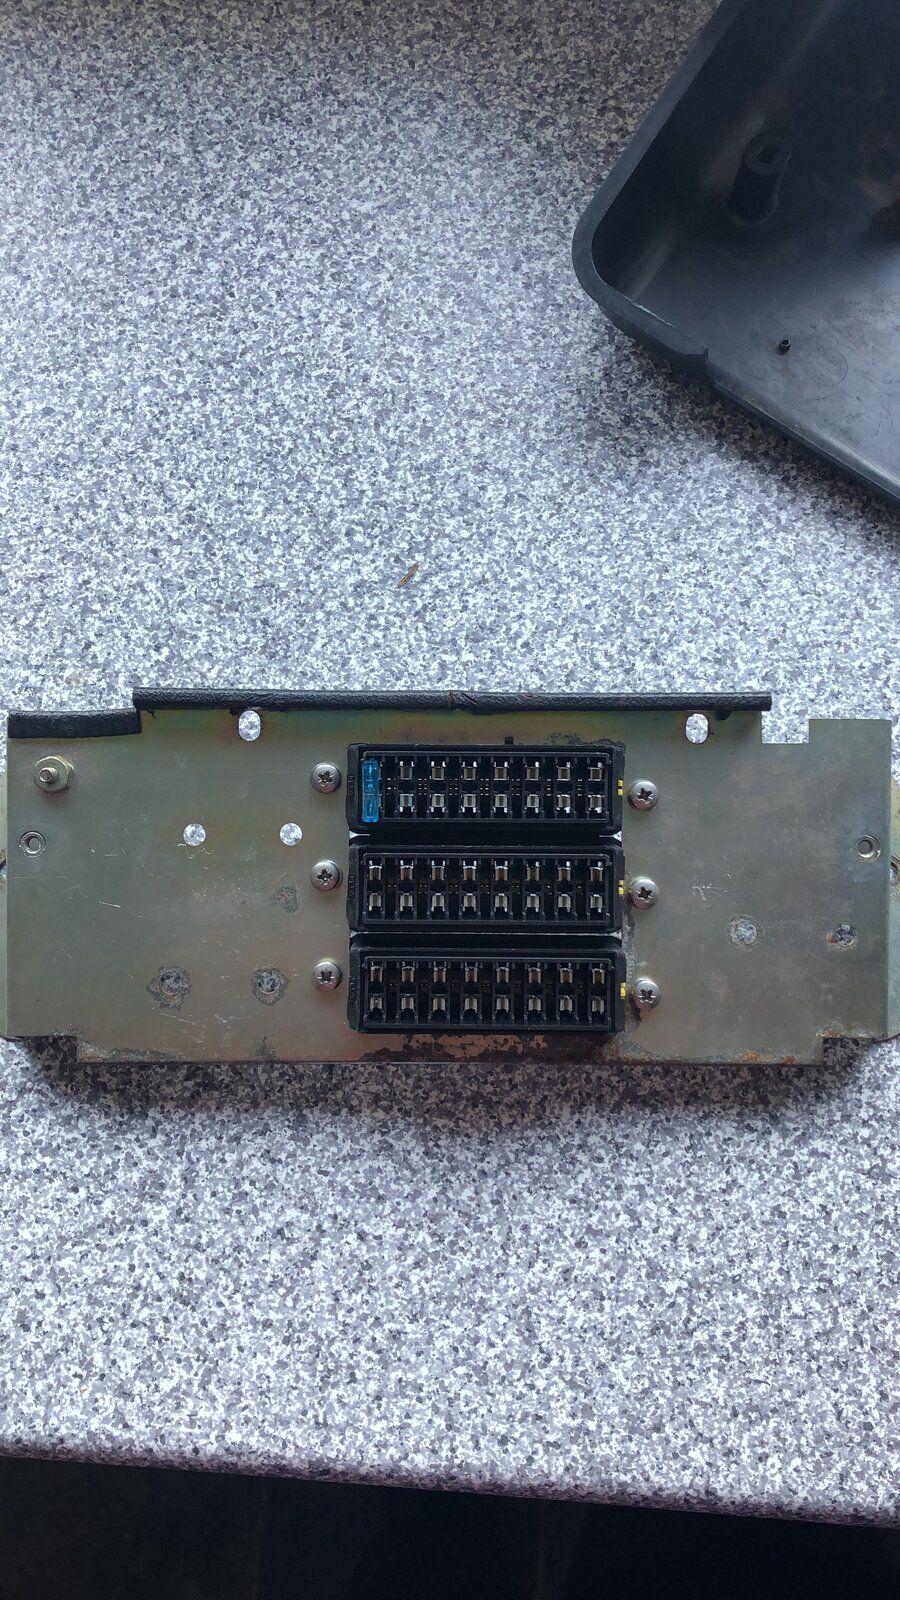 5E0175A5-1566-4495-86A4-5F7B1A8A99B1.jpeg